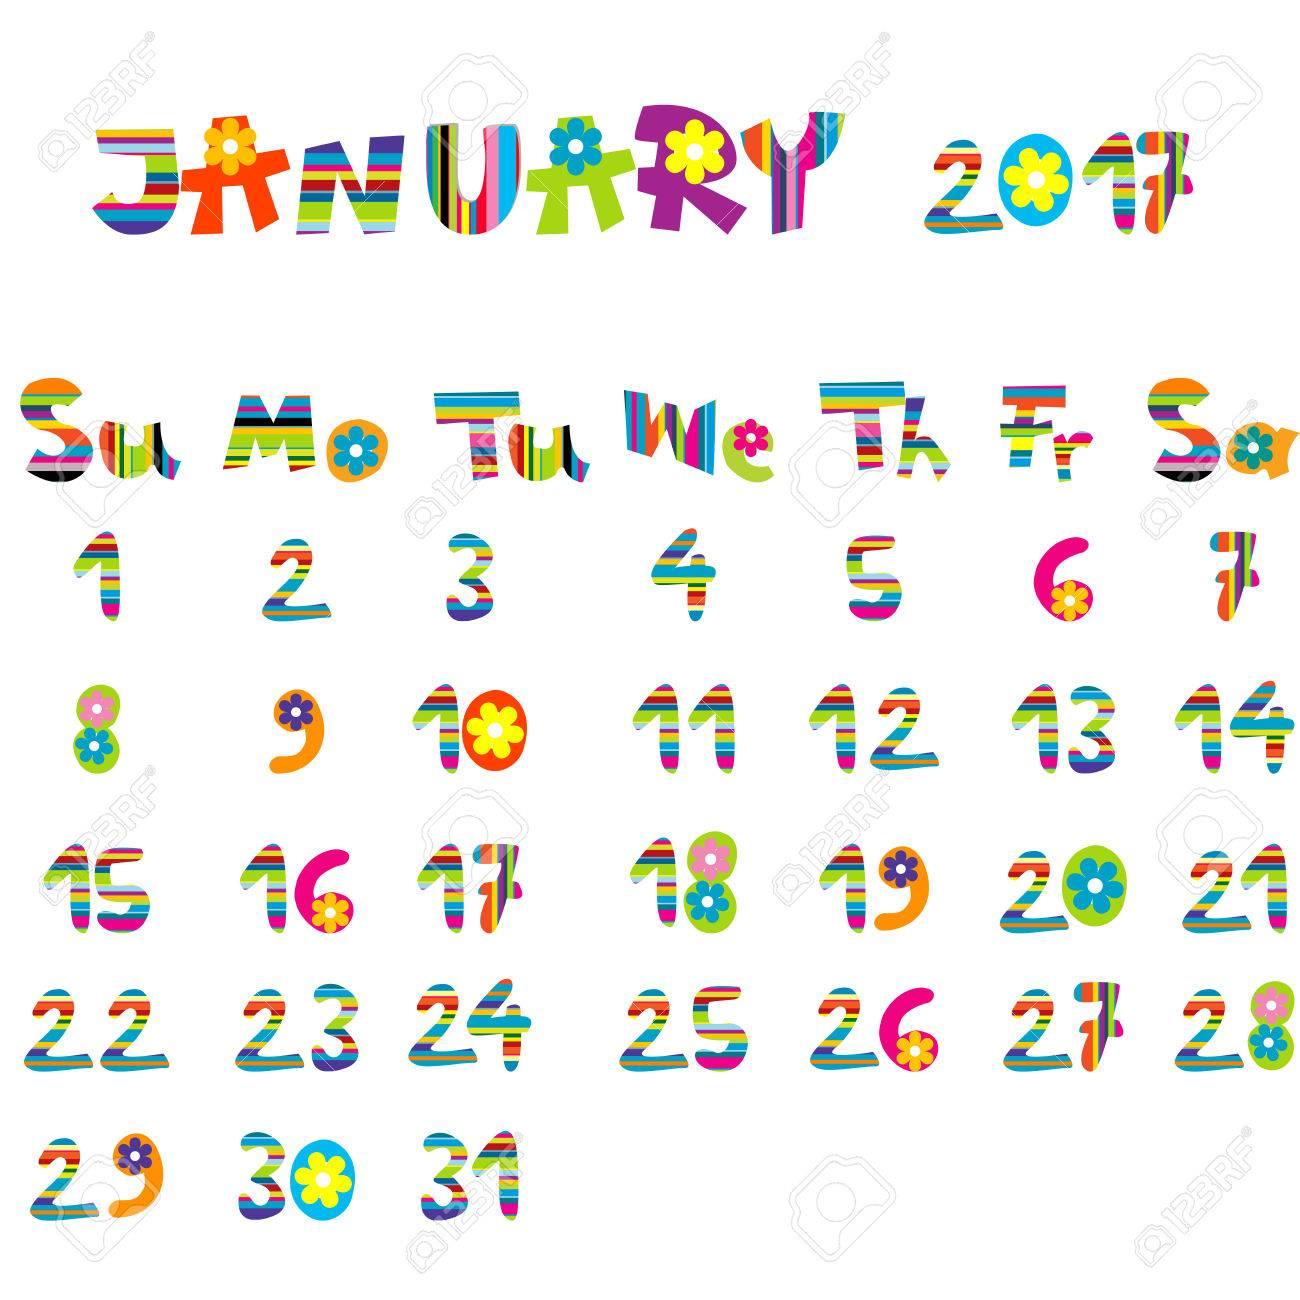 子供のためのかわいい 2017年 1 月カレンダーのイラスト素材ベクタ